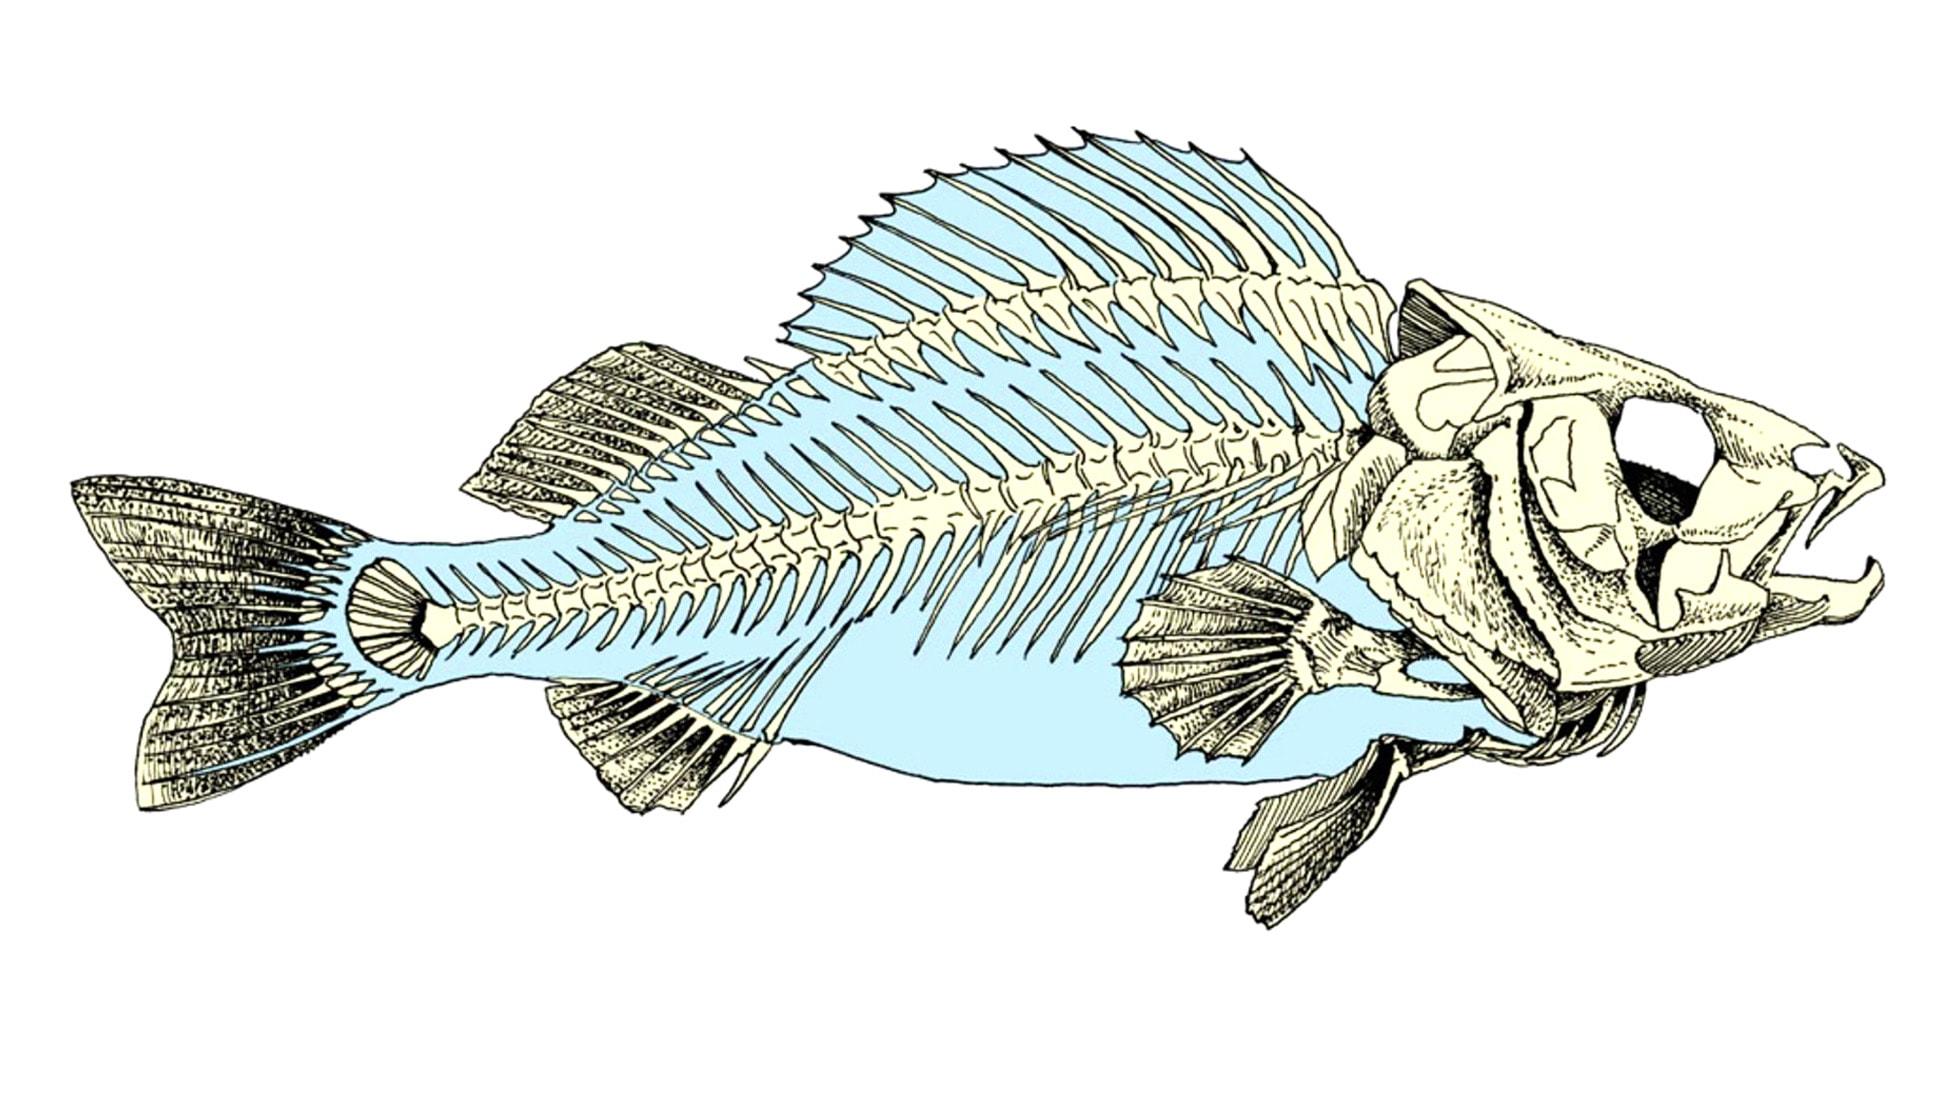 Скелет костной рыбы